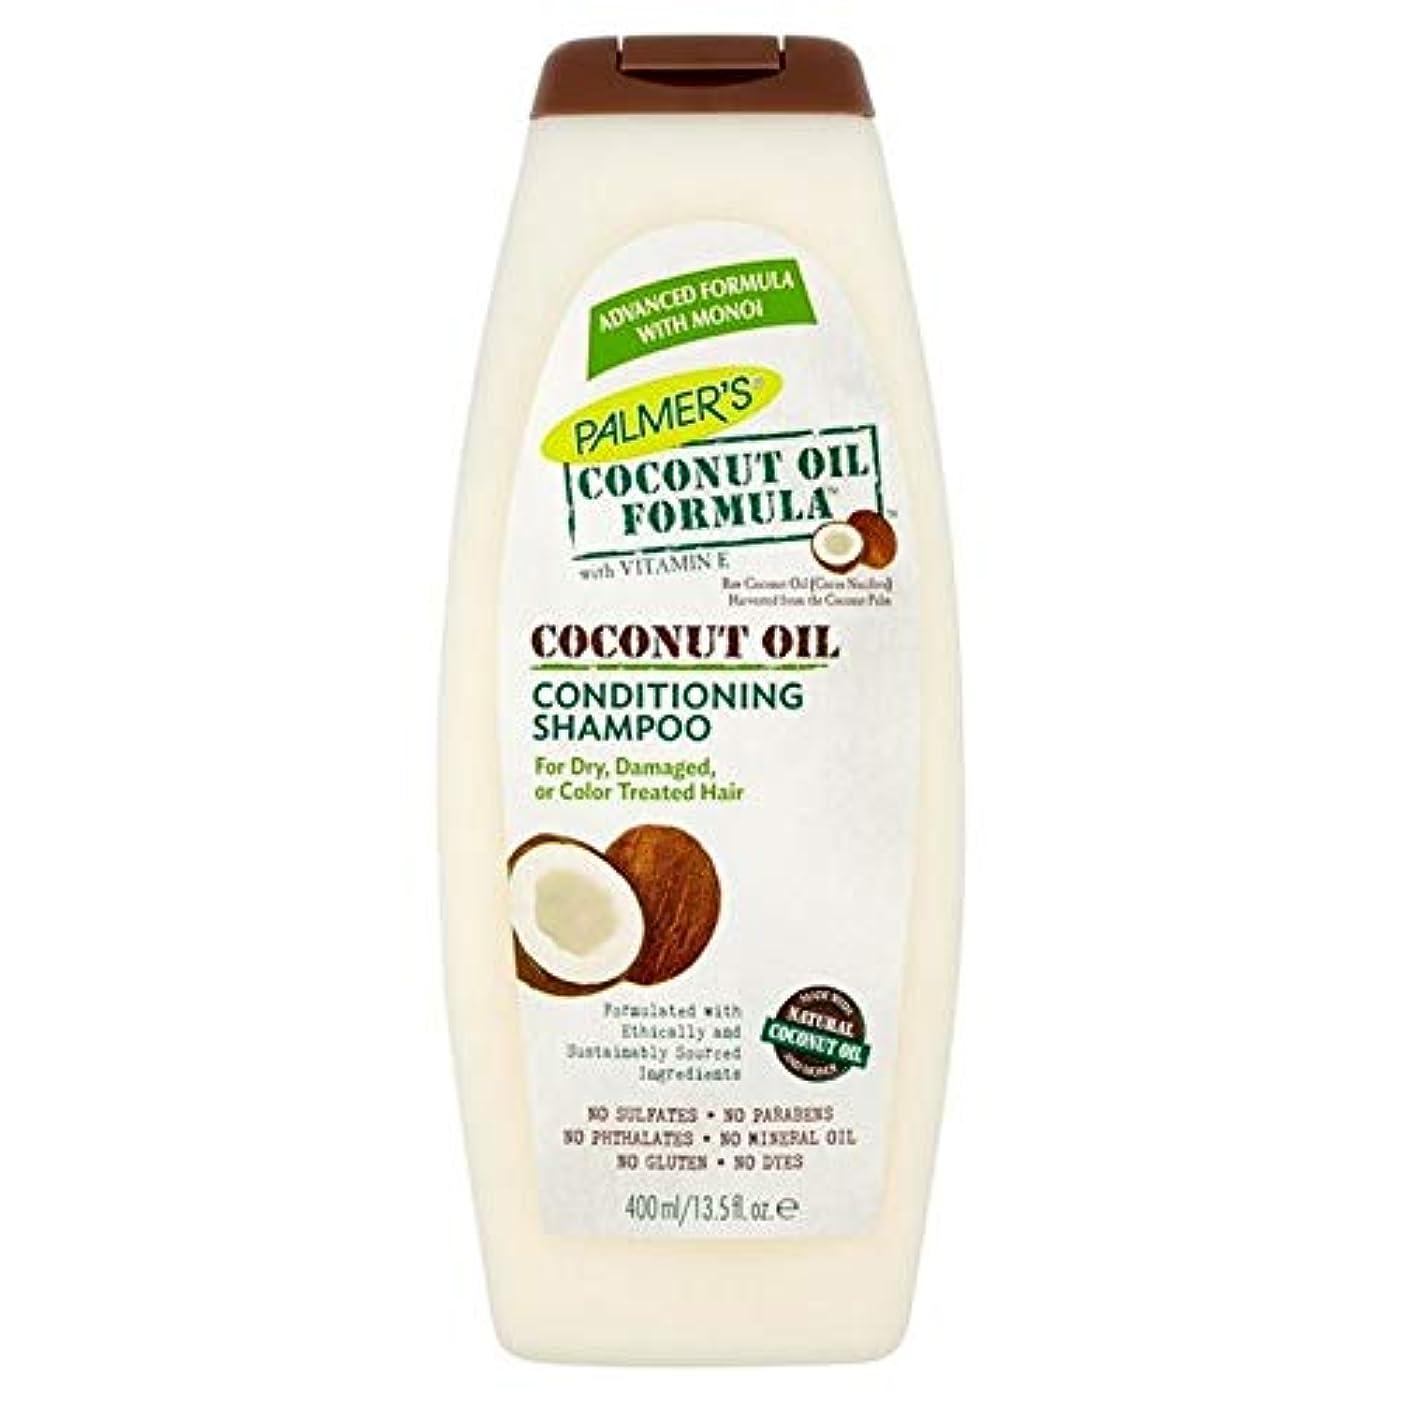 遠洋のステージ始まり[Palmer's ] パーマーのヤシ油コンディショニングシャンプー400ミリリットル - Palmer's Coconut Oil Conditioning Shampoo 400ml [並行輸入品]